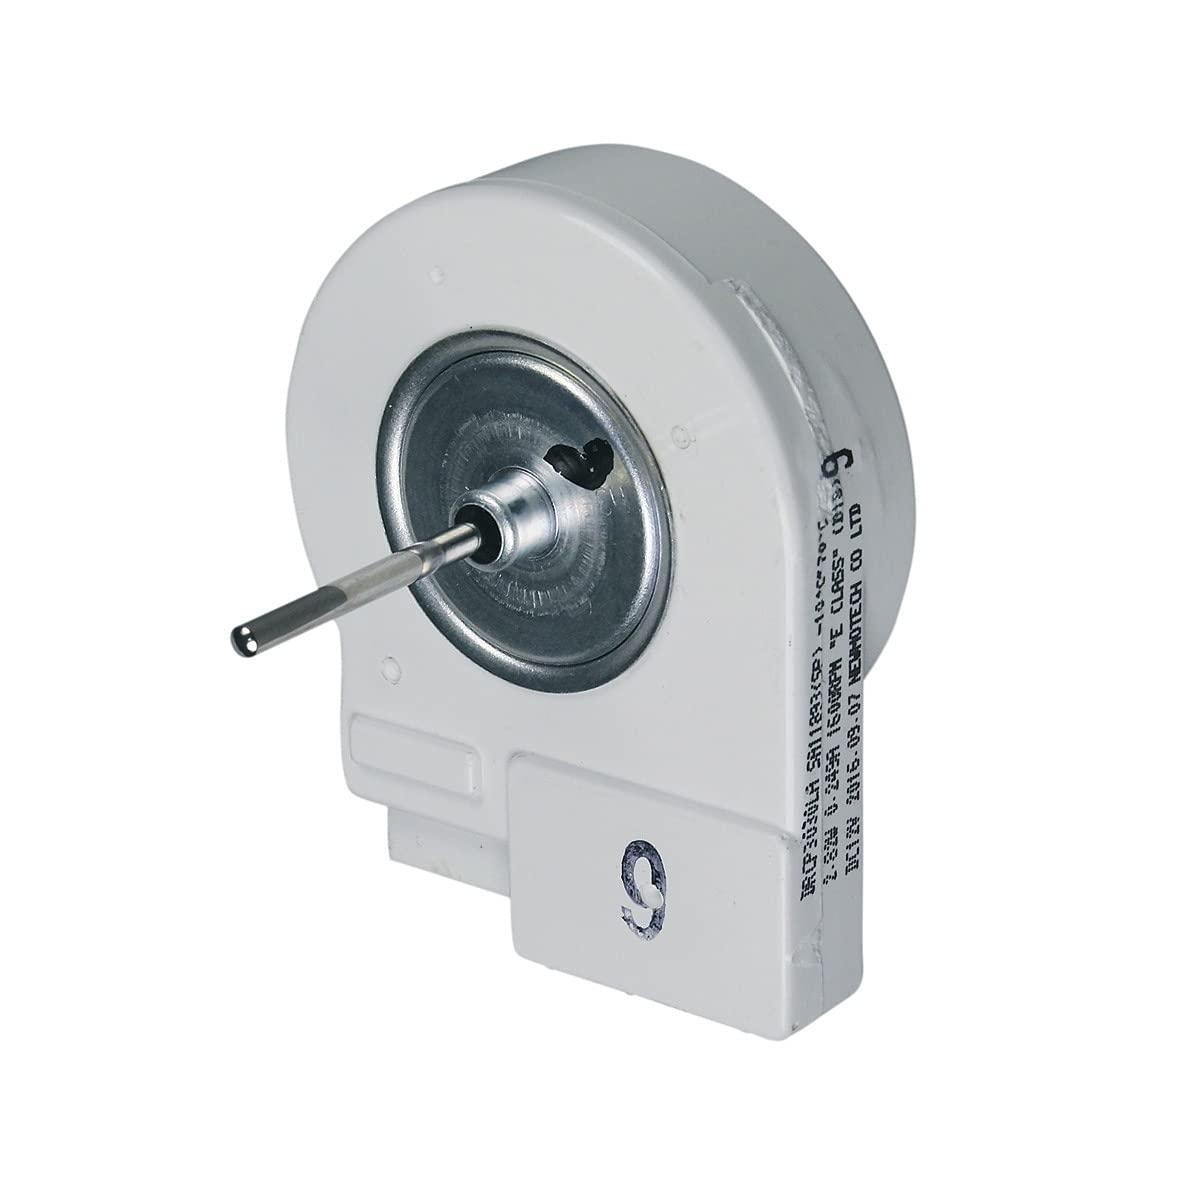 Samsung DA31-00020E DREP3020LA - Motor de ventilador para frigorífico (2,82 W, 12 V, compatible con RM255BARB RS2622SW SRS20DTLSS)